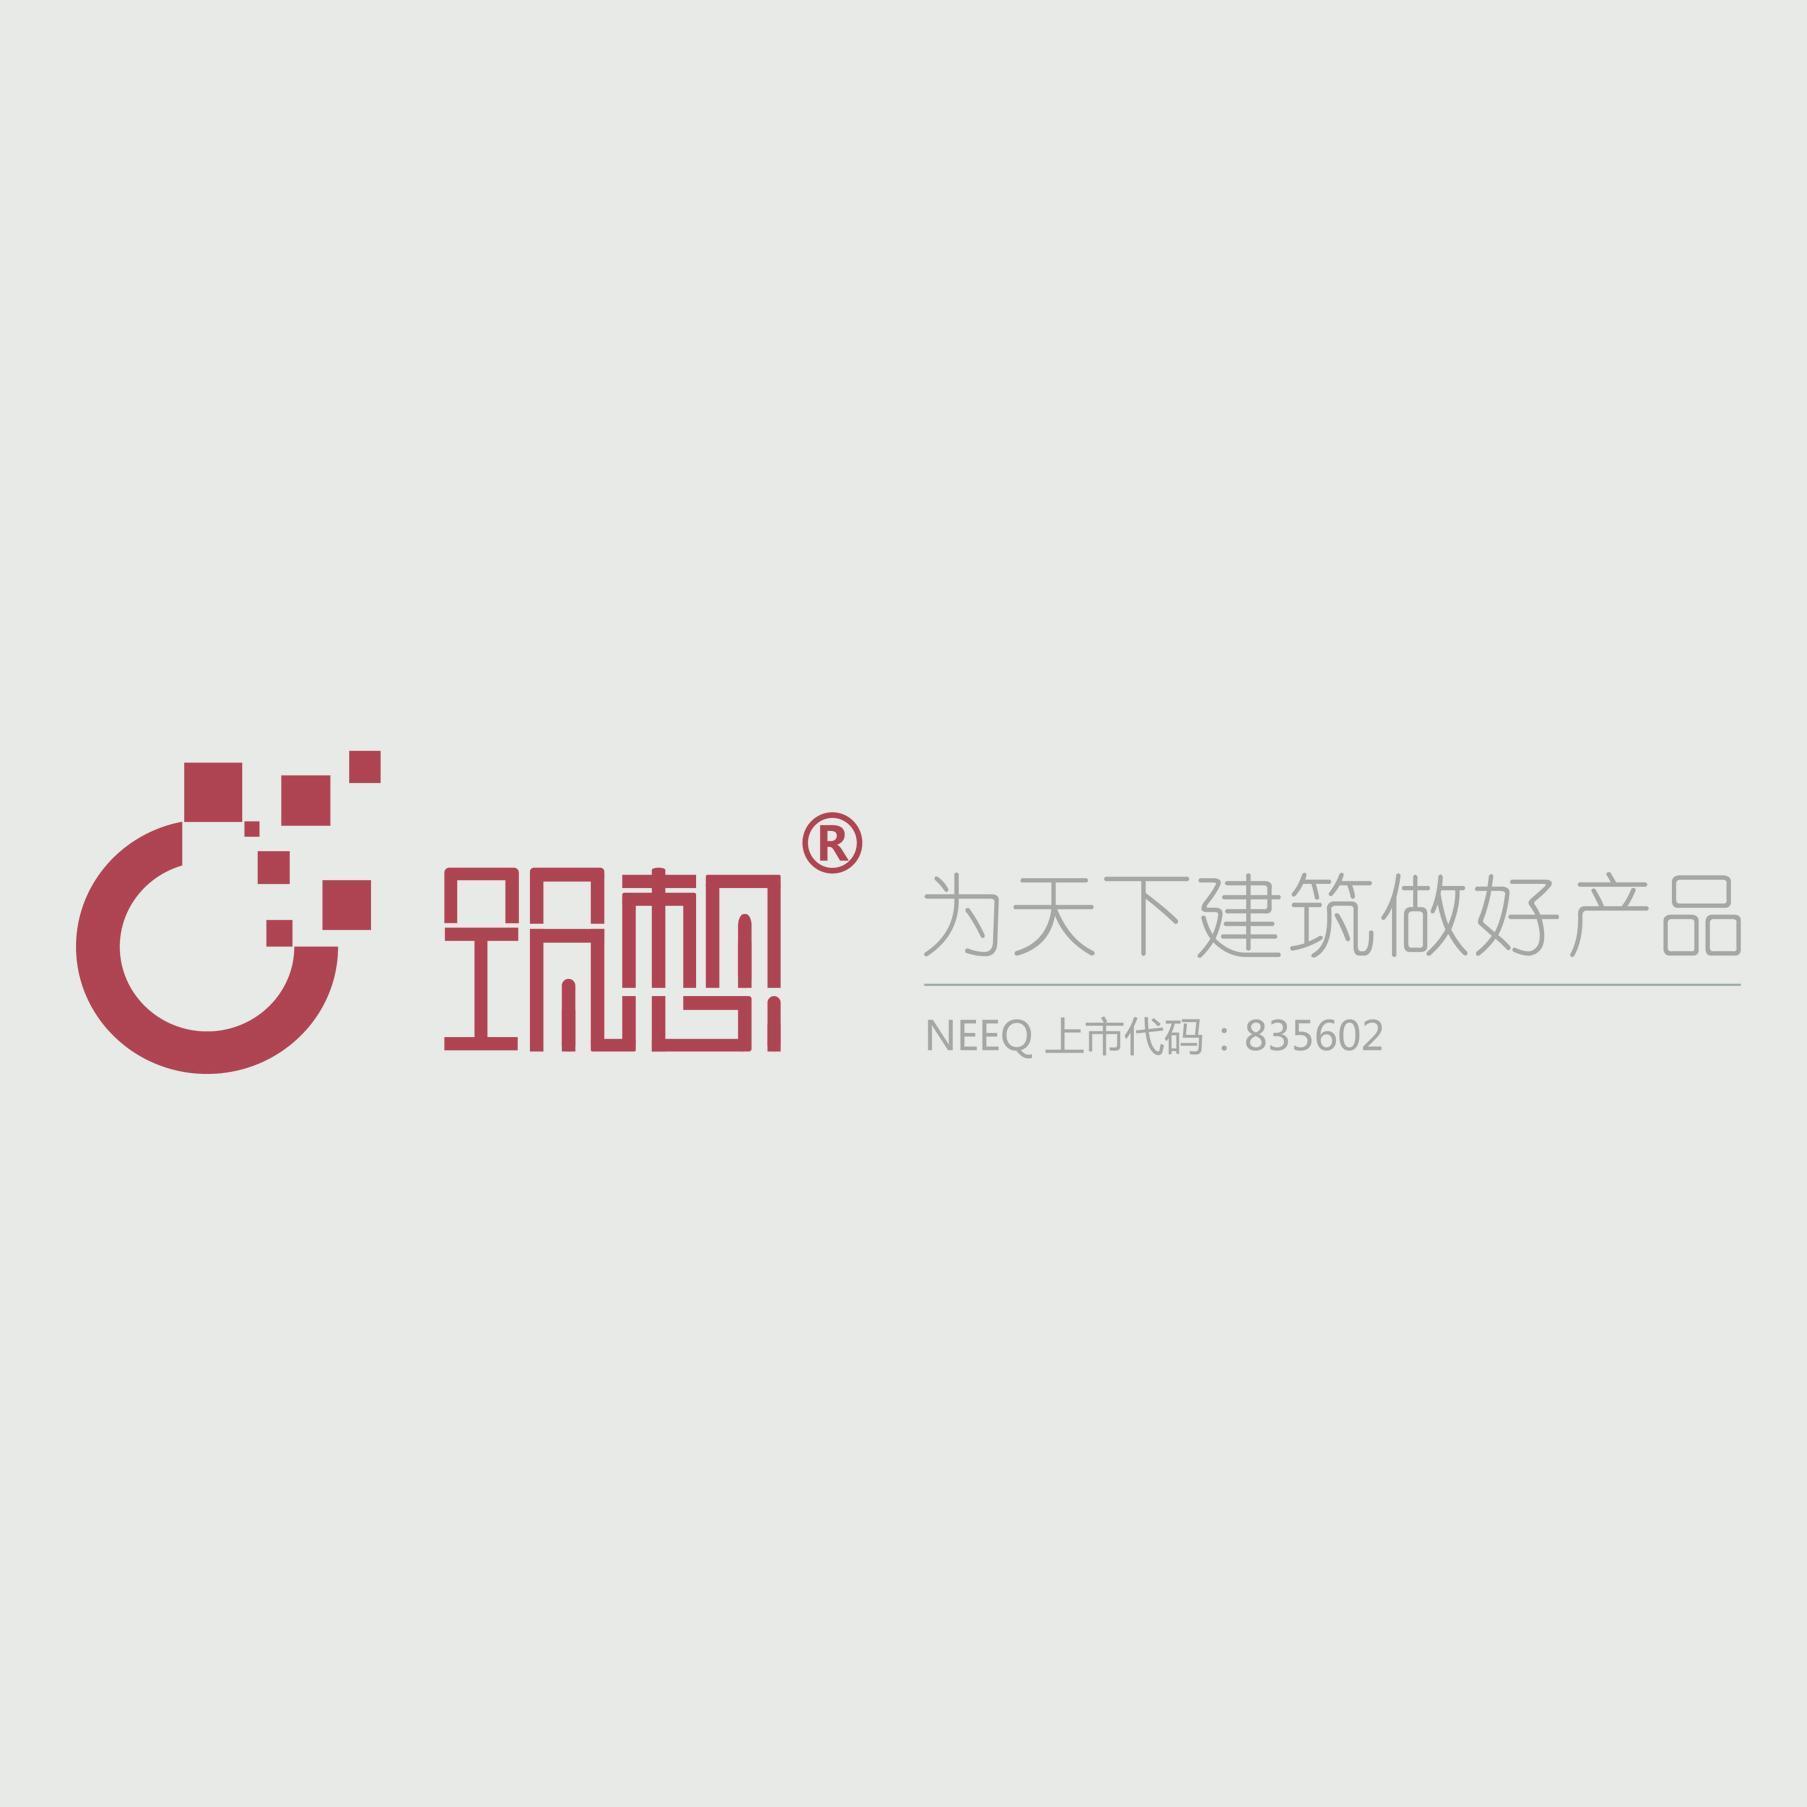 绥化近期招聘会+前端开发工程师